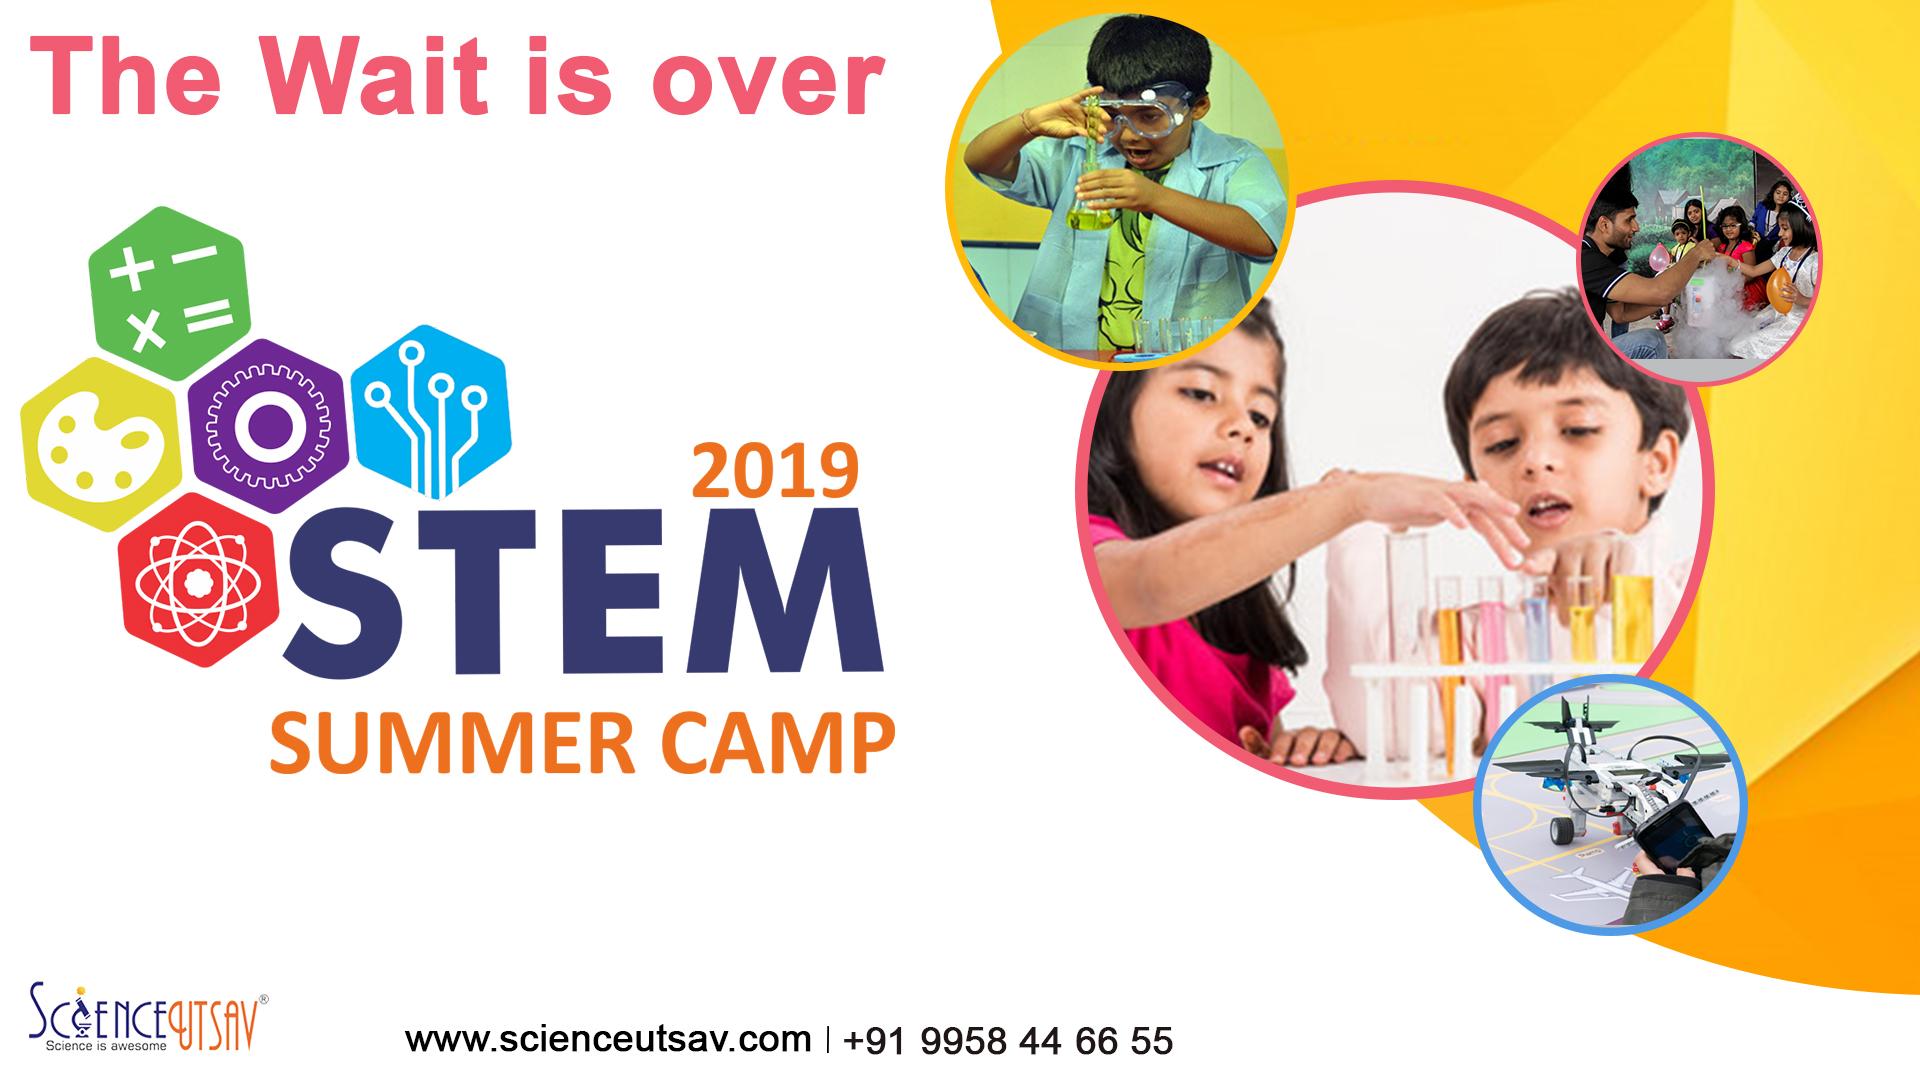 Summer Camp 2019 in Juhu,Mumbai-Junior Inventor, Mumbai, Maharashtra, India